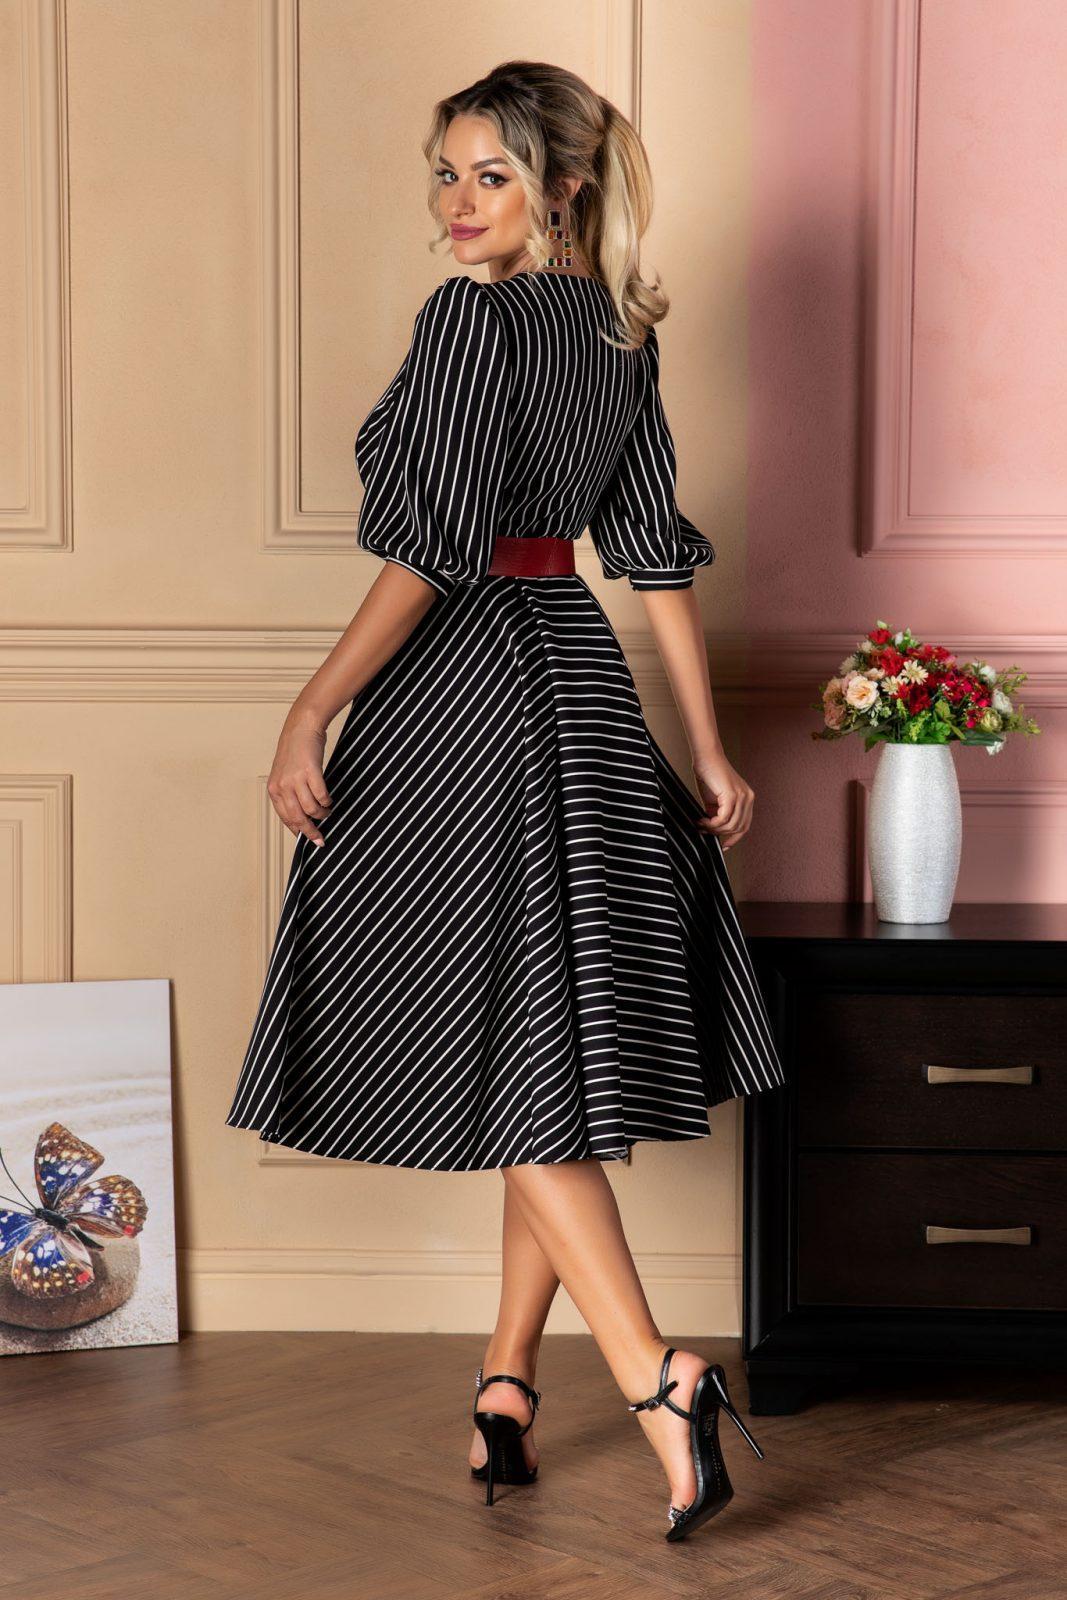 Μαύρο Μίντι Ριγέ Φόρεμα Με Ζώνη Renata 8077 1